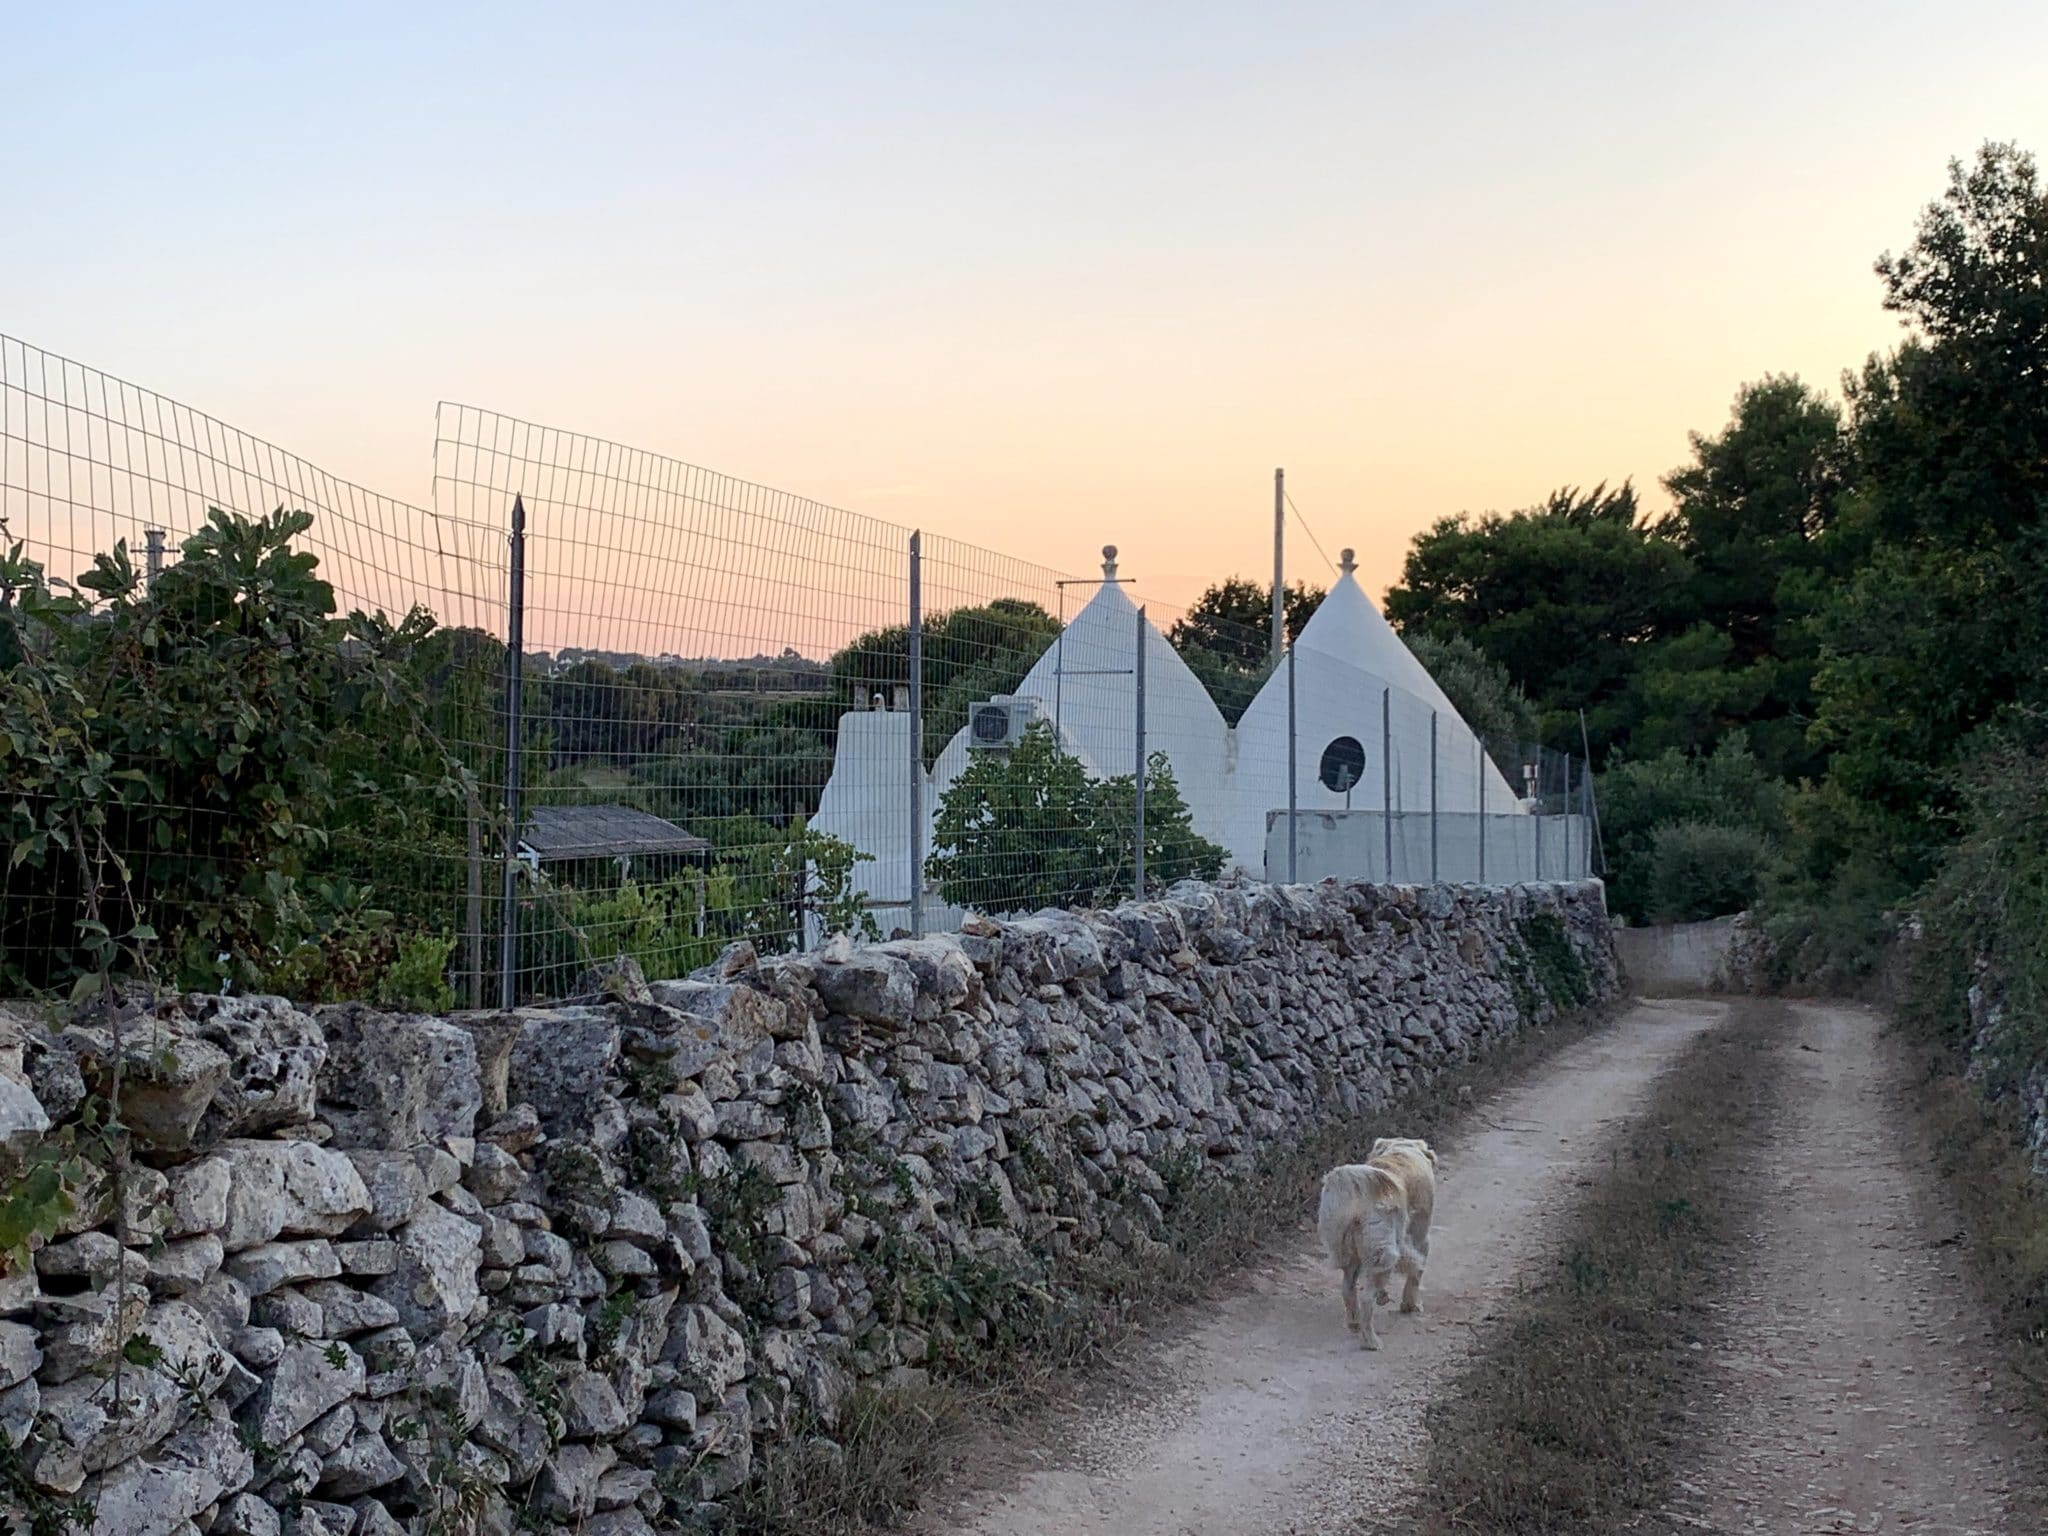 Vendita trulli abitabili – Contrada Cavallo, Ostuni (Brindisi)